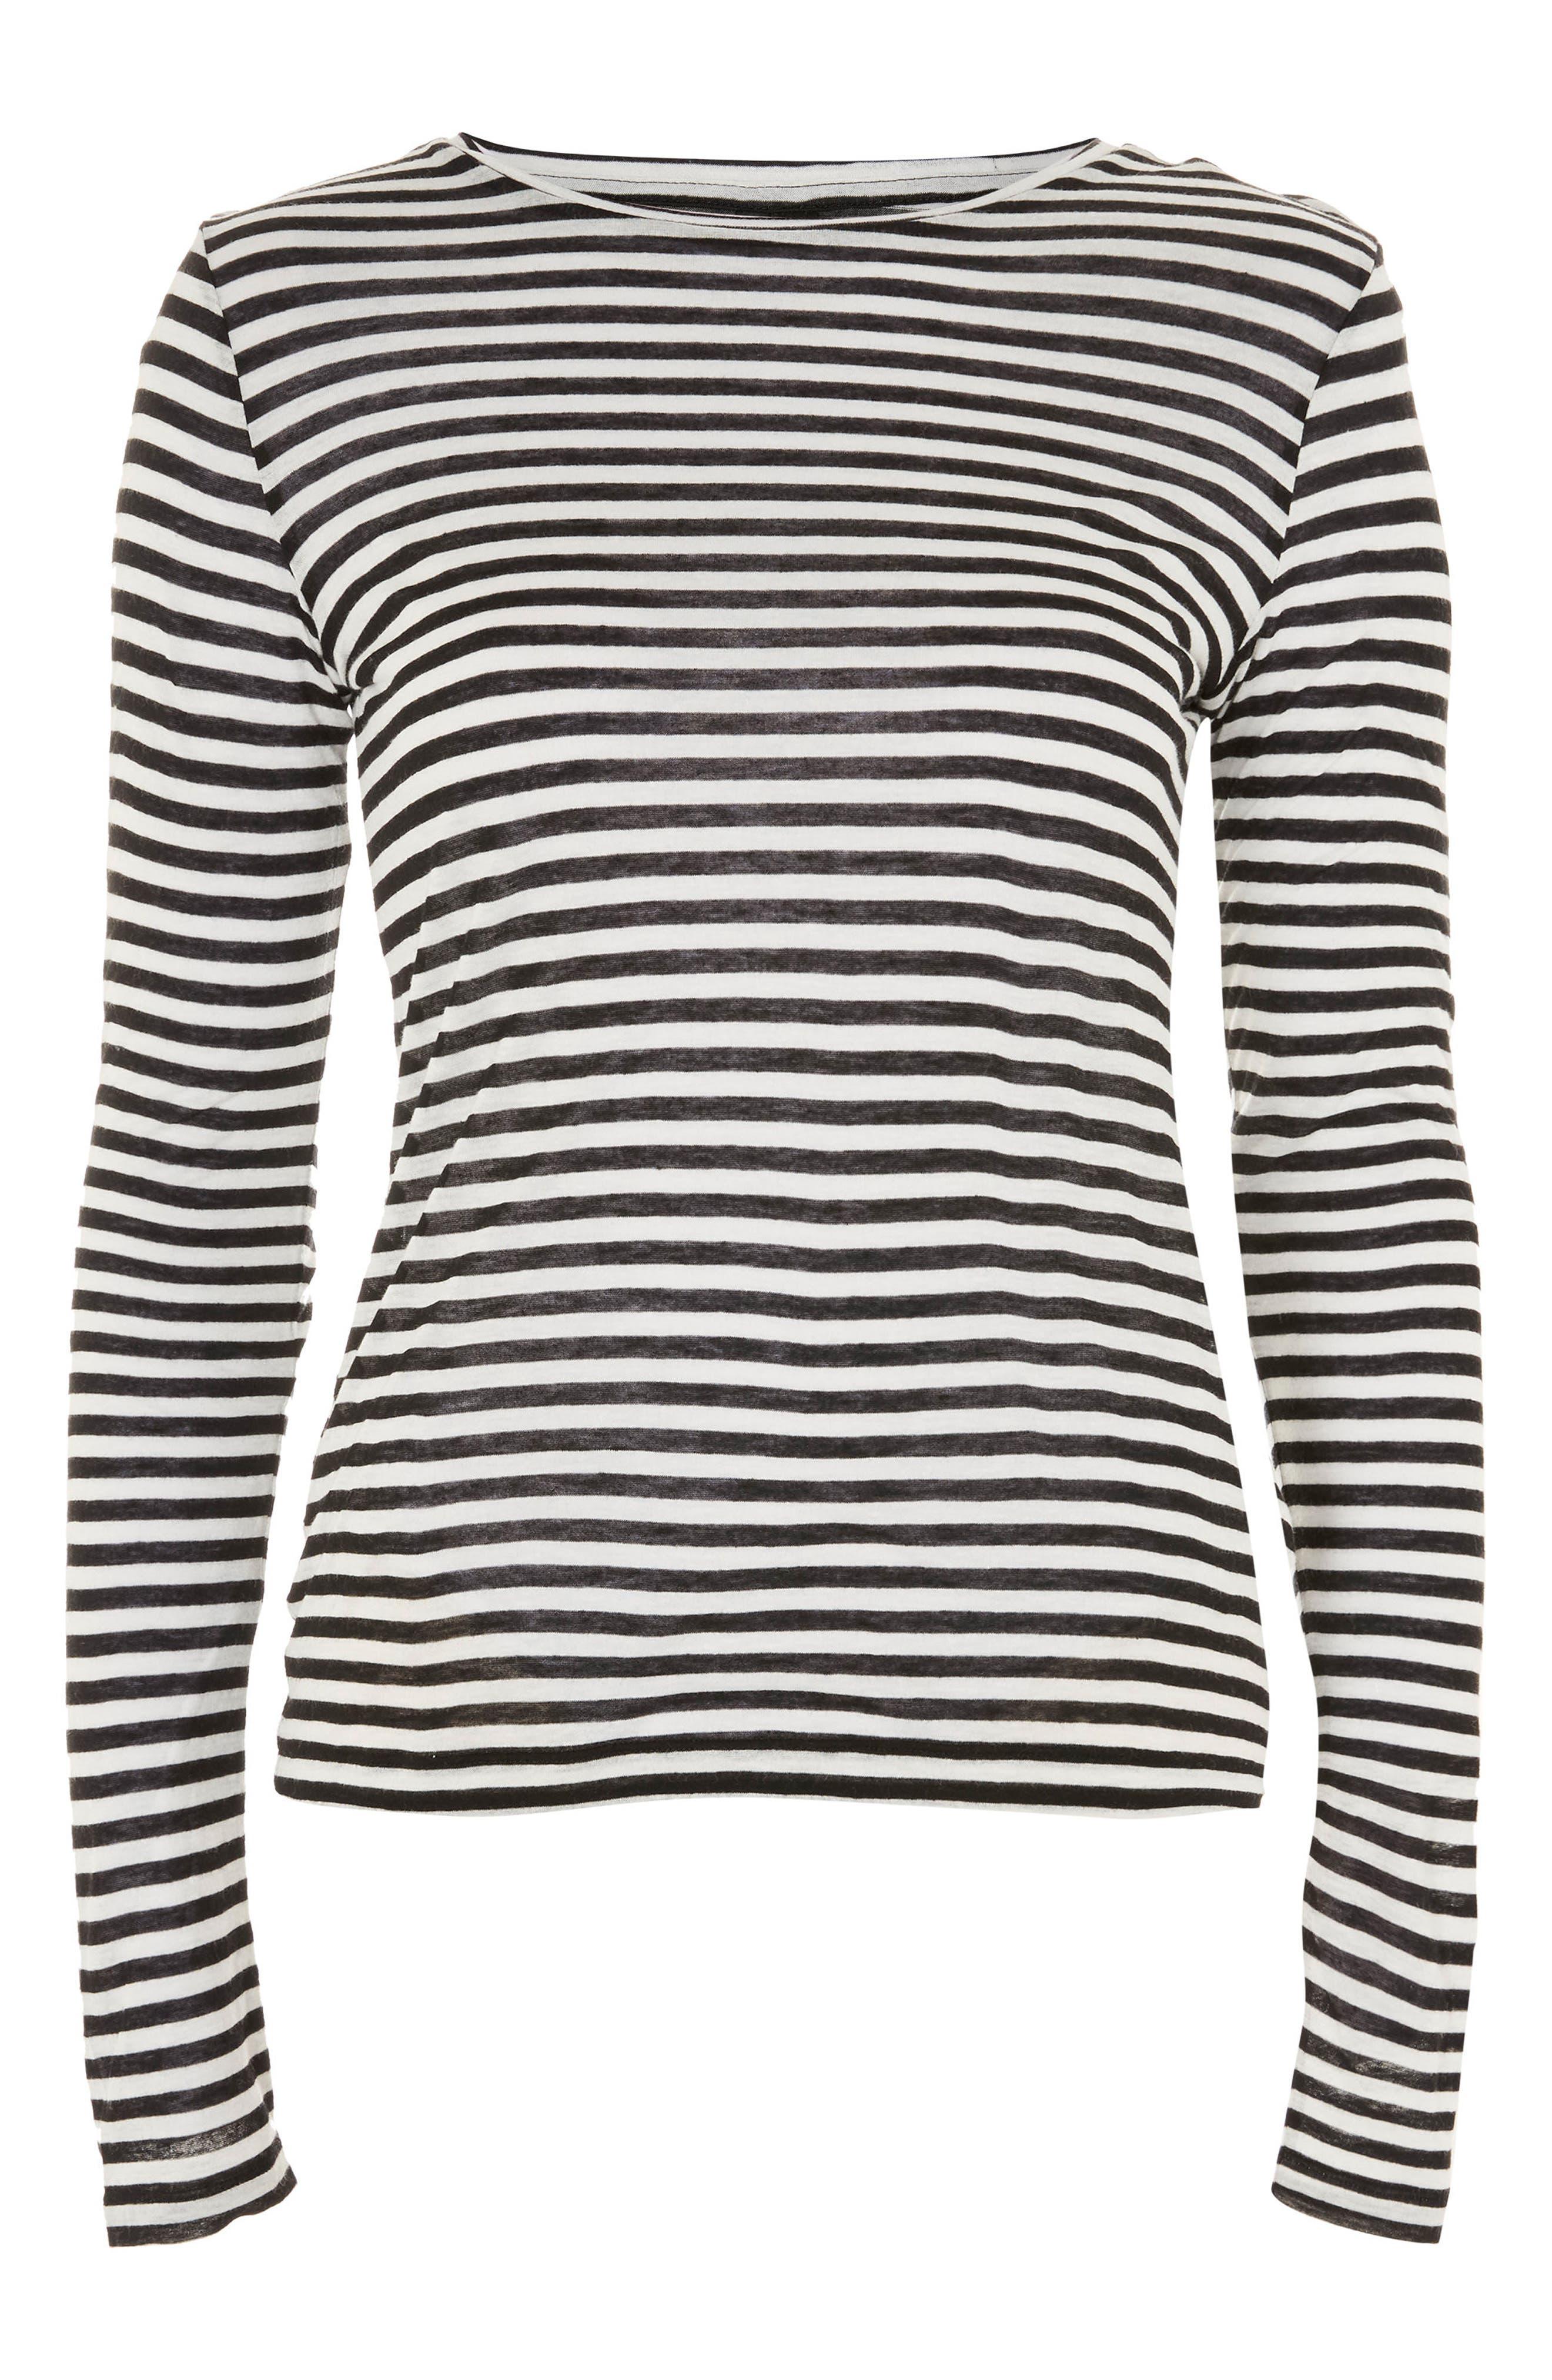 Topshop Stripe Slub Shirt,                             Main thumbnail 1, color,                             Black Multi